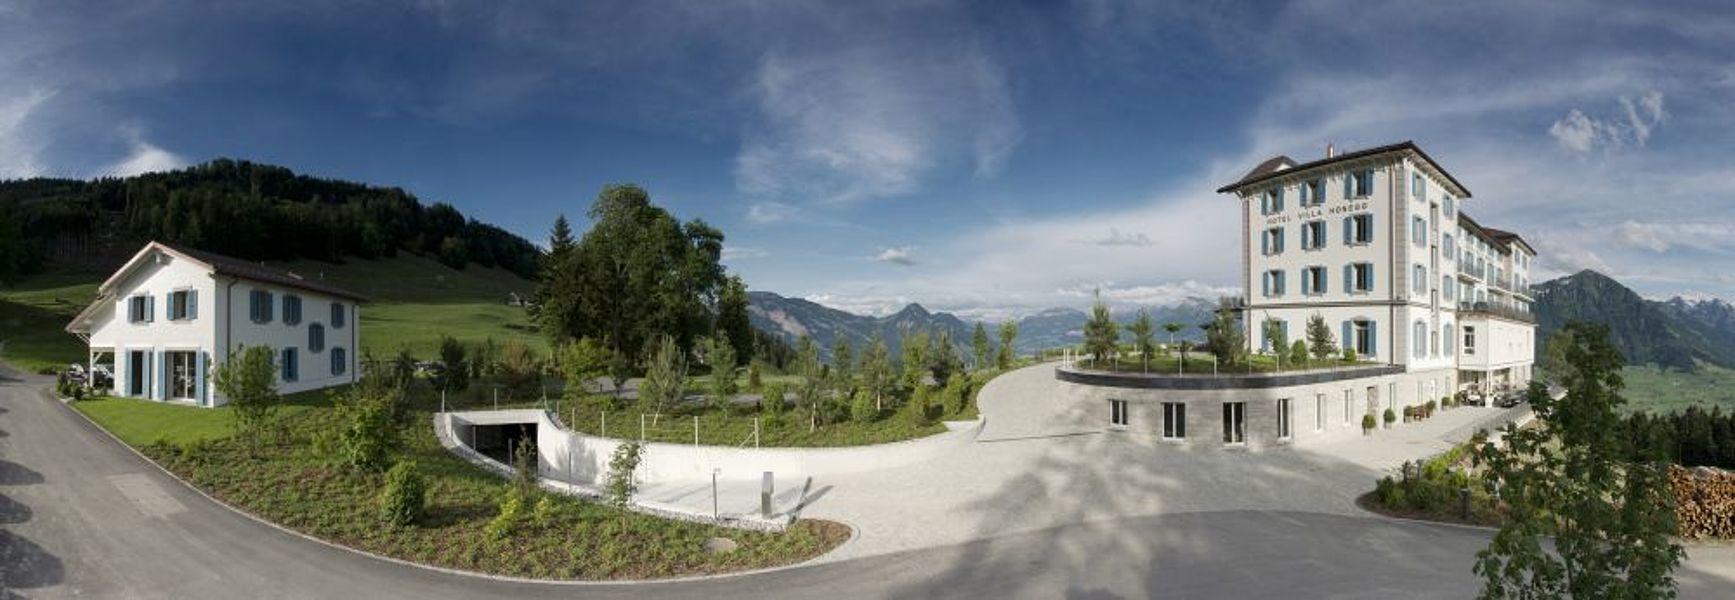 Hotel Villa Honegg avec privatinsel mieten - hotel villa honegg - schweiz - europa: atlantik